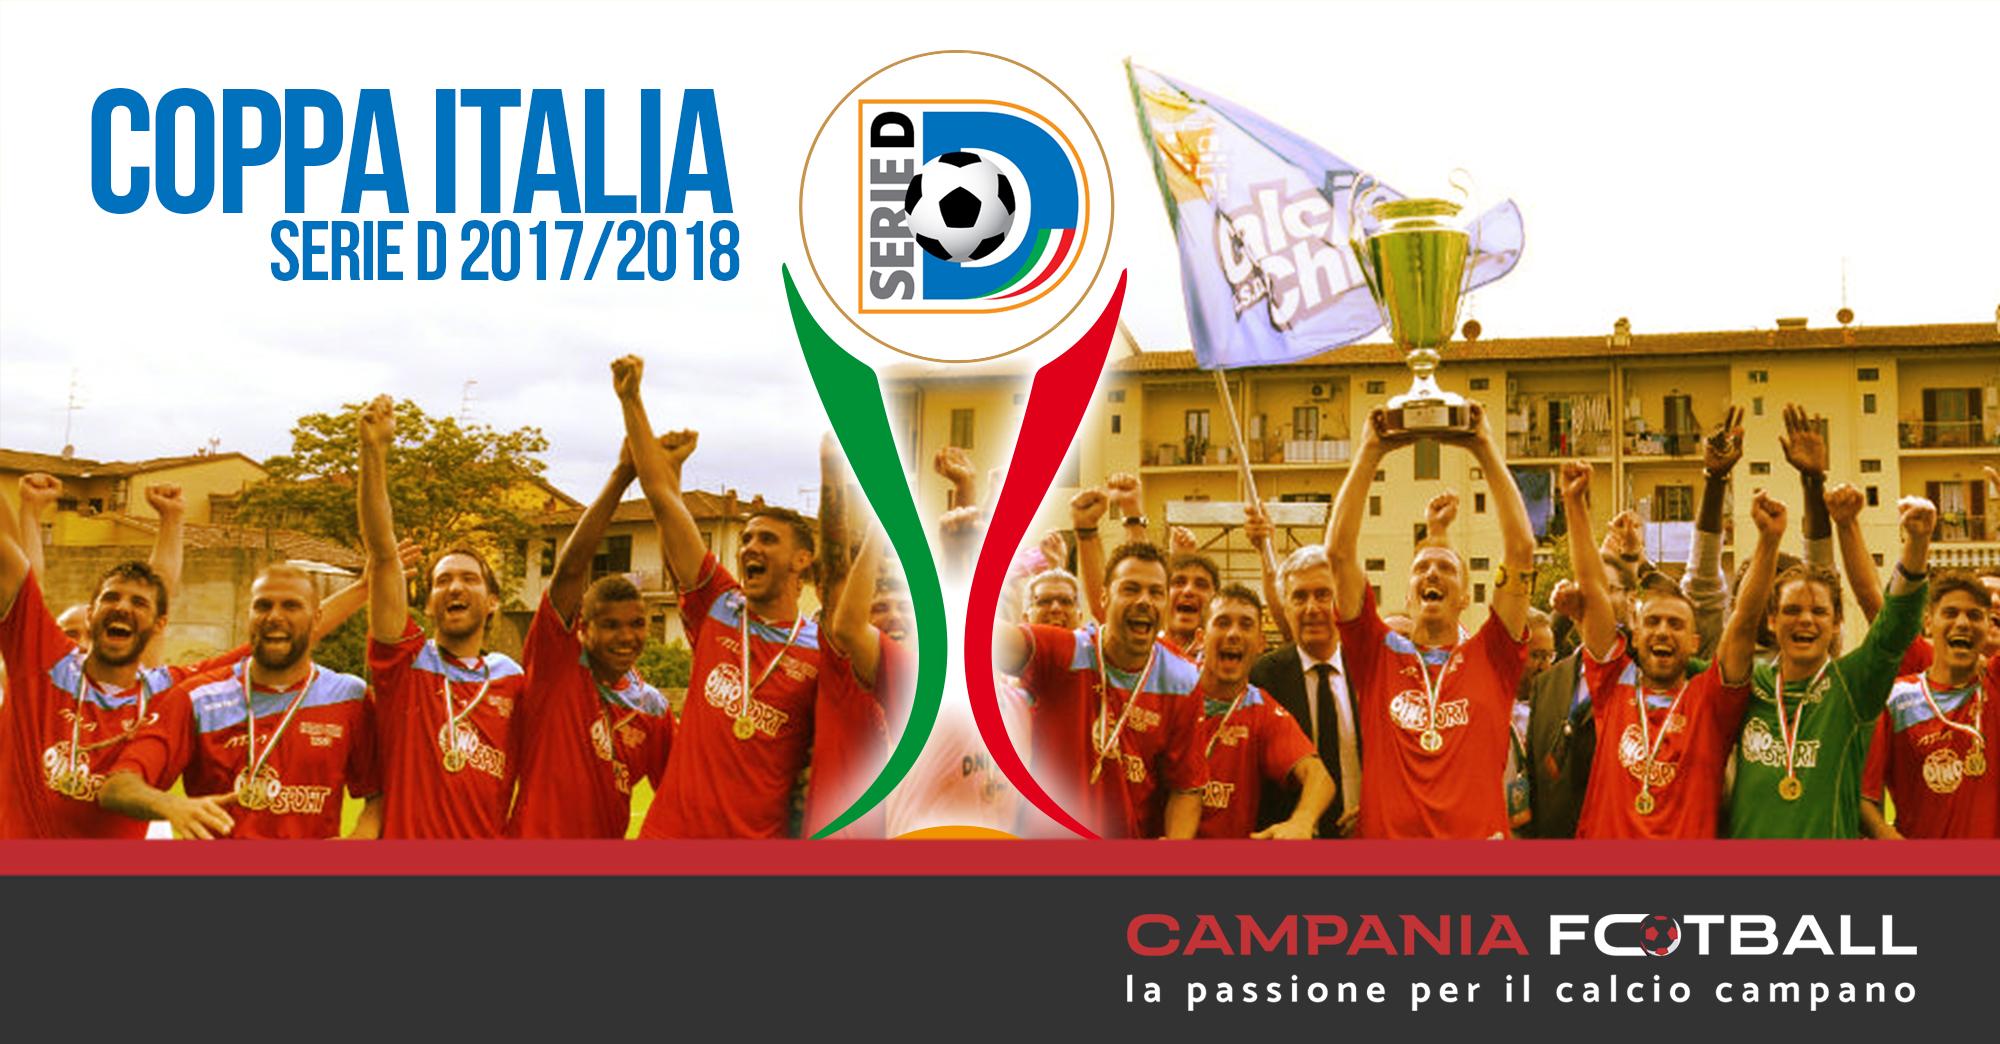 Coppa Italia Serie D 2017/18, preliminari: variazioni orari gare squadre campane